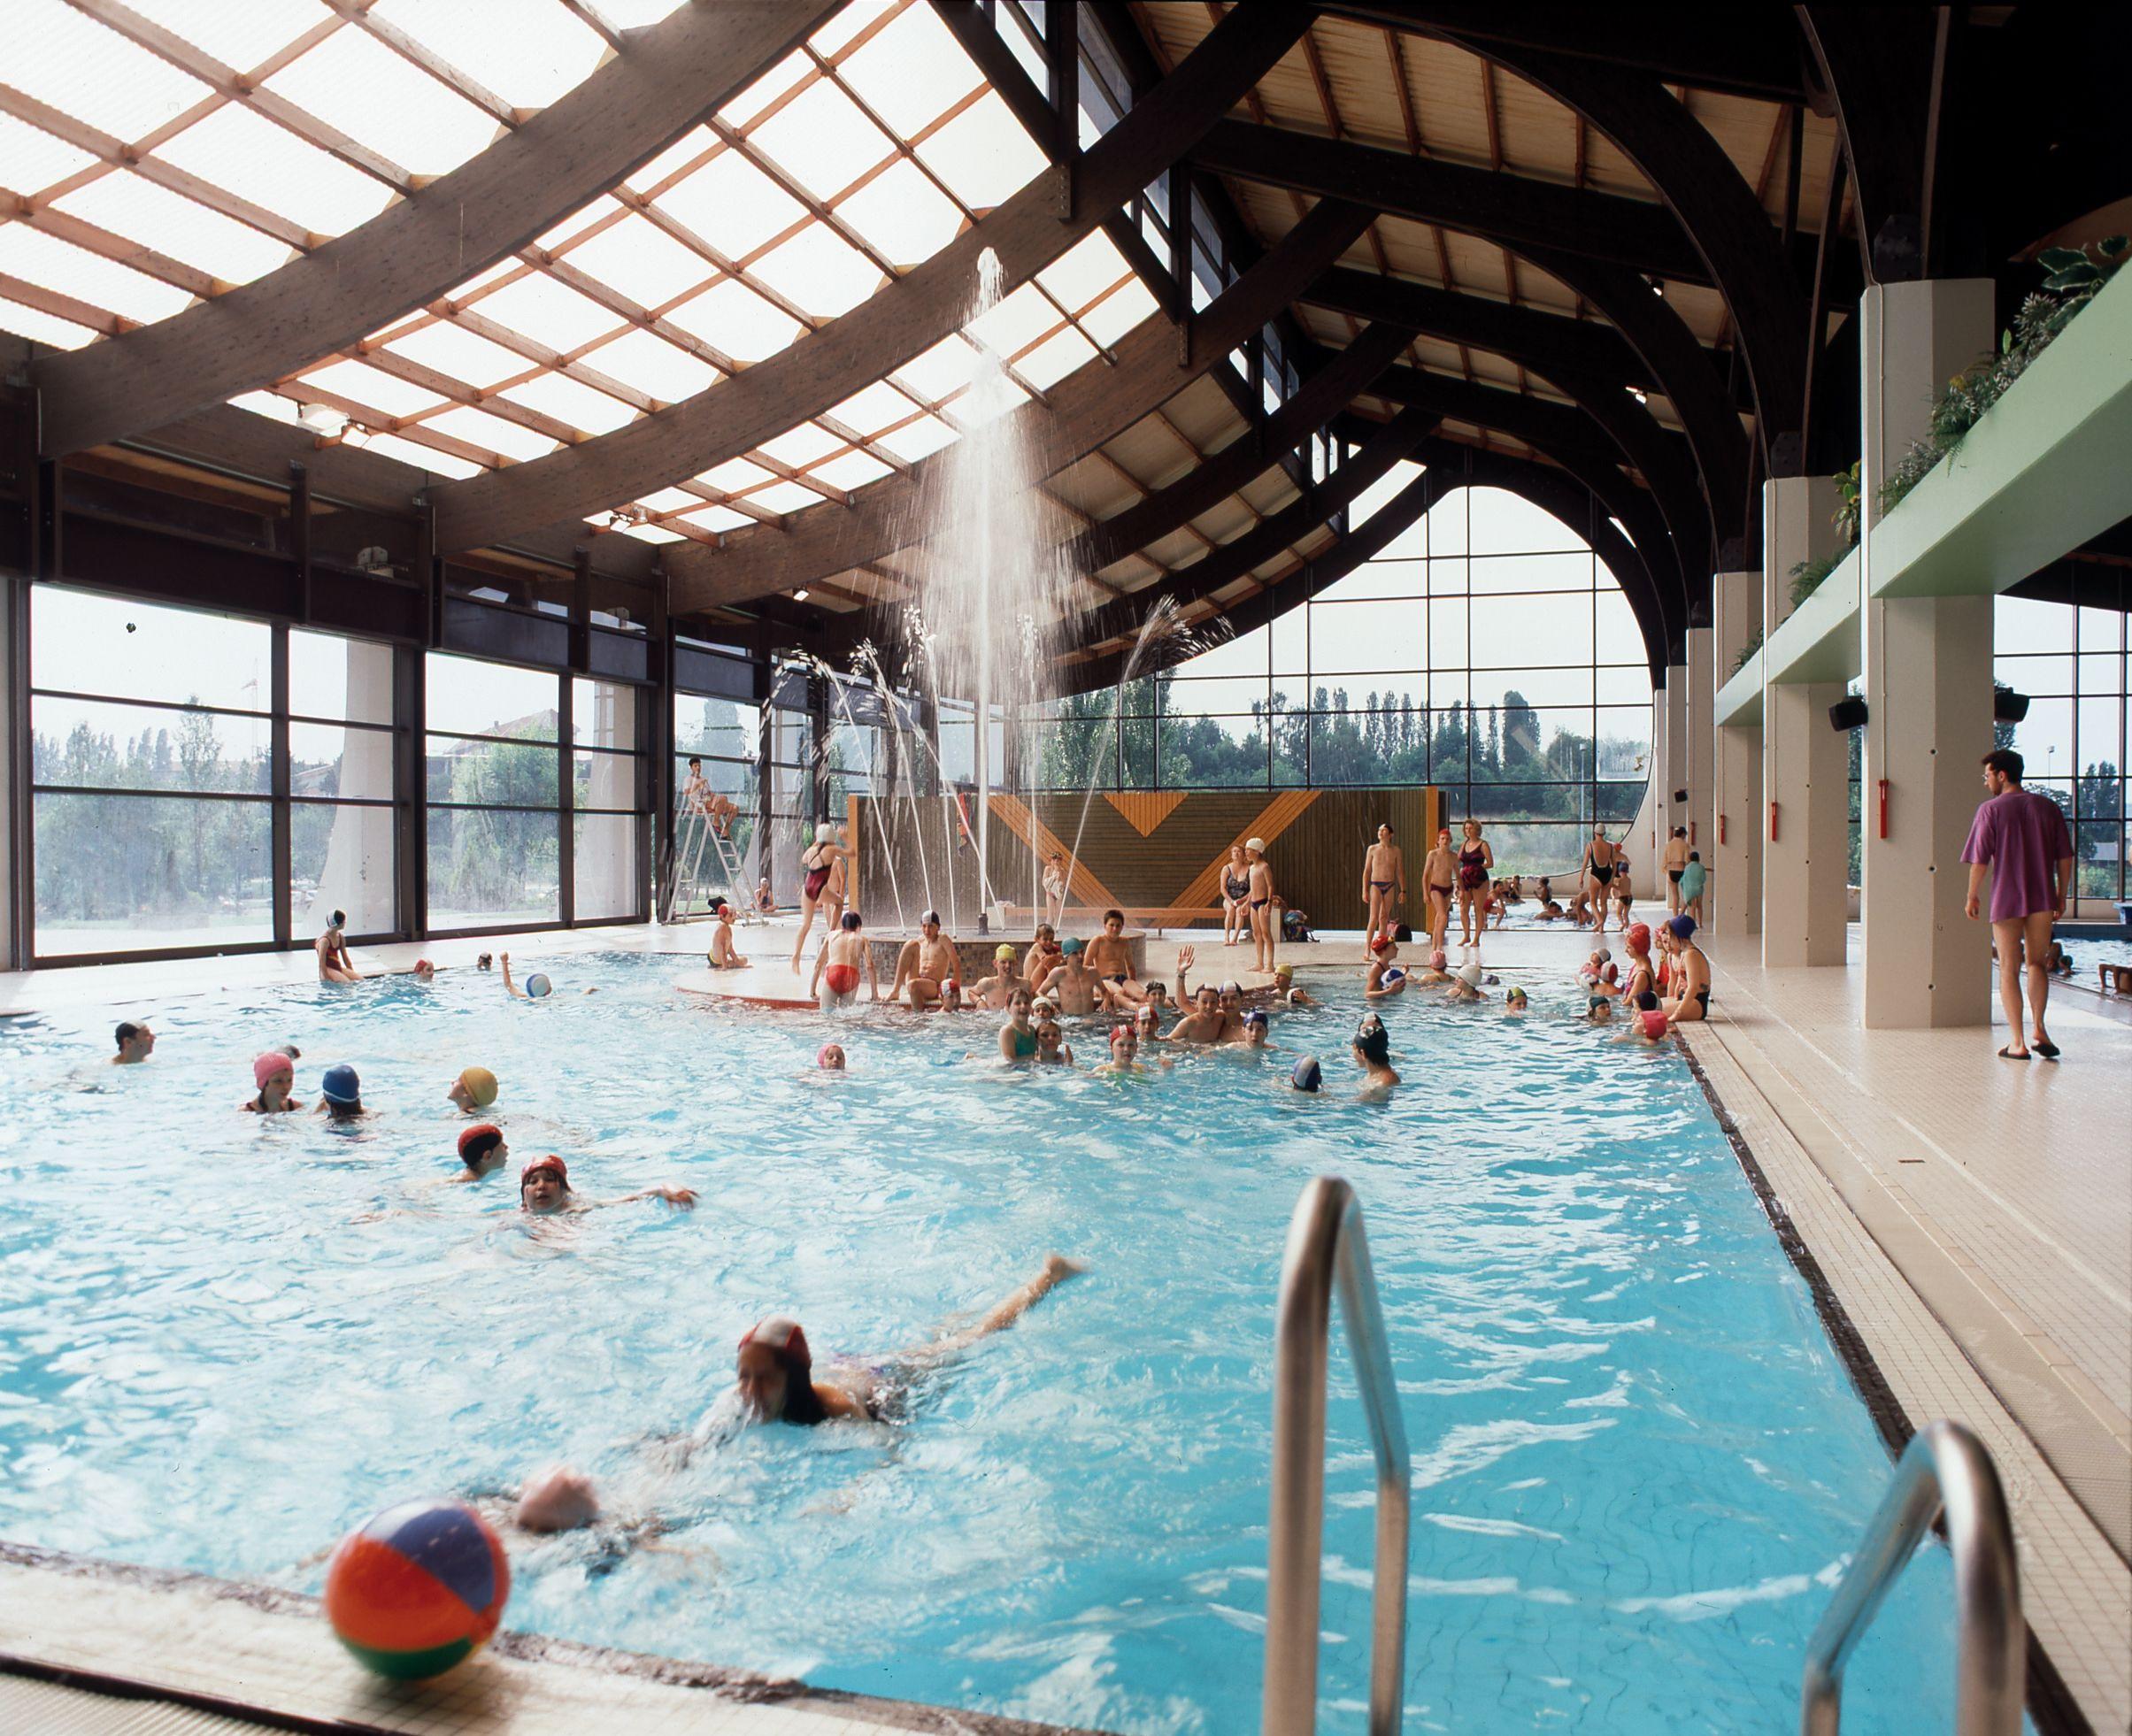 La piscine olympique forbach ot pays de forbach - Piscine olympique horaires ...